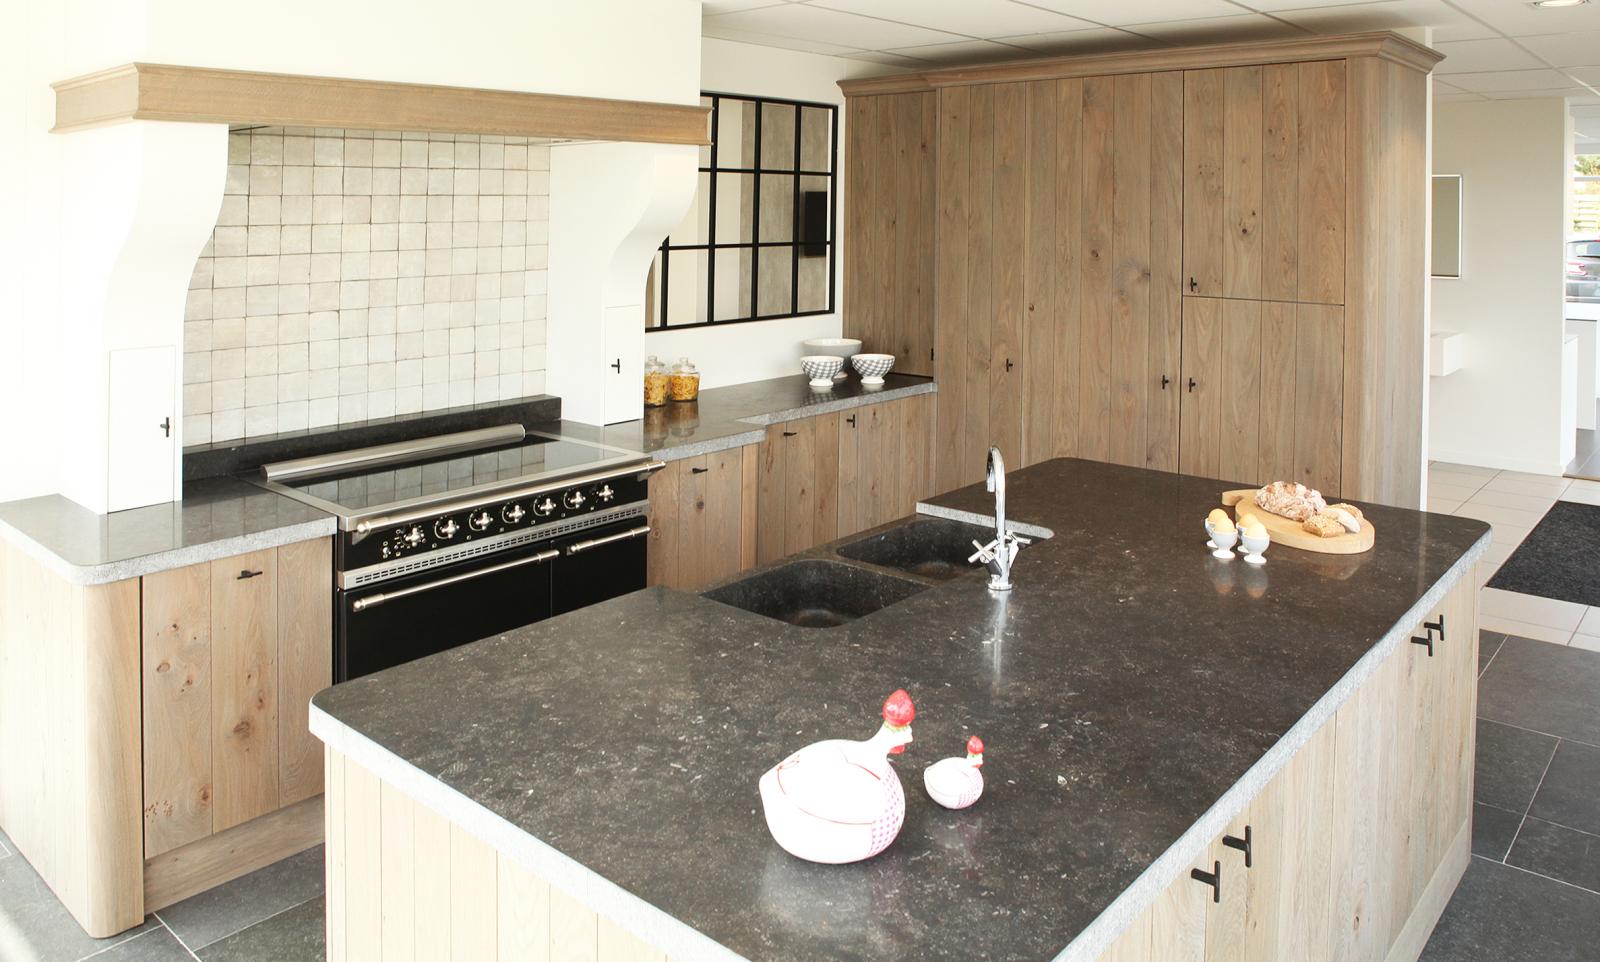 Home Keuken En Interieur Vanalderwereldt Interieur